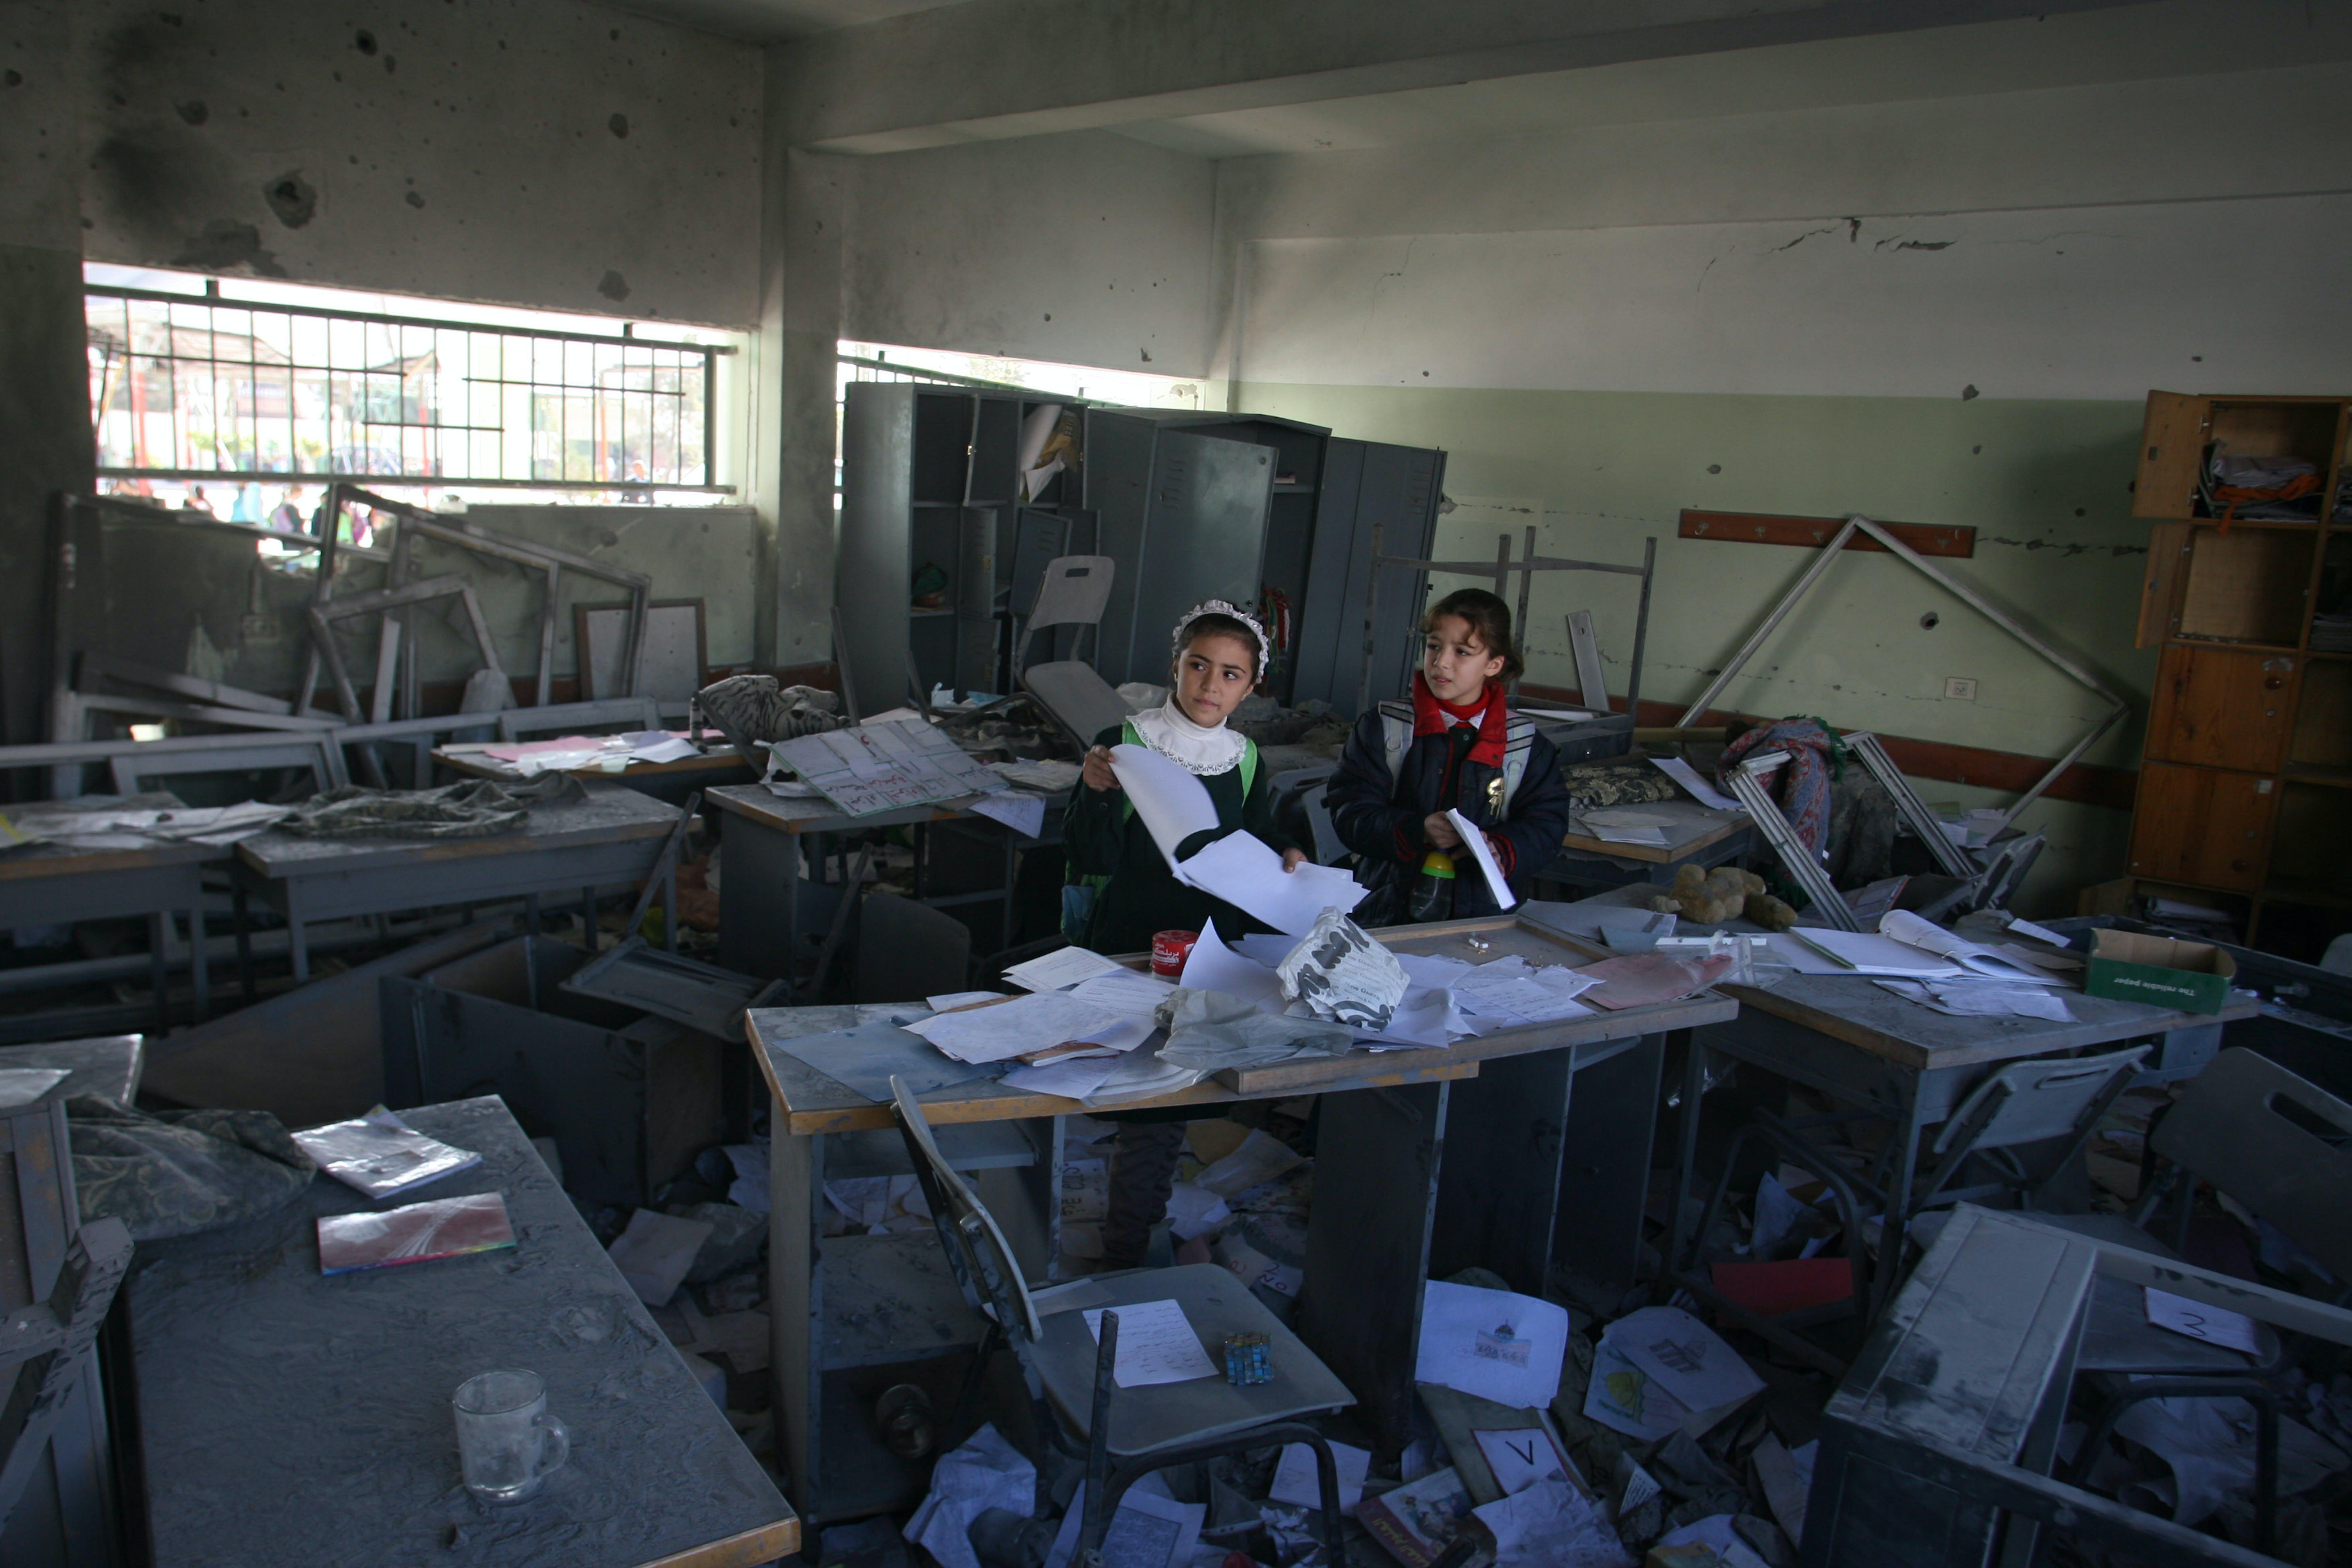 Madlene Abu Dayyeh (12 anni) ispeziona con la sua amica Isra gli effetti di un bombardamento nella scuola femminile Um al-Qura a Gaza City - ©UNICEF/NYHQ2012-1589/ElBaba